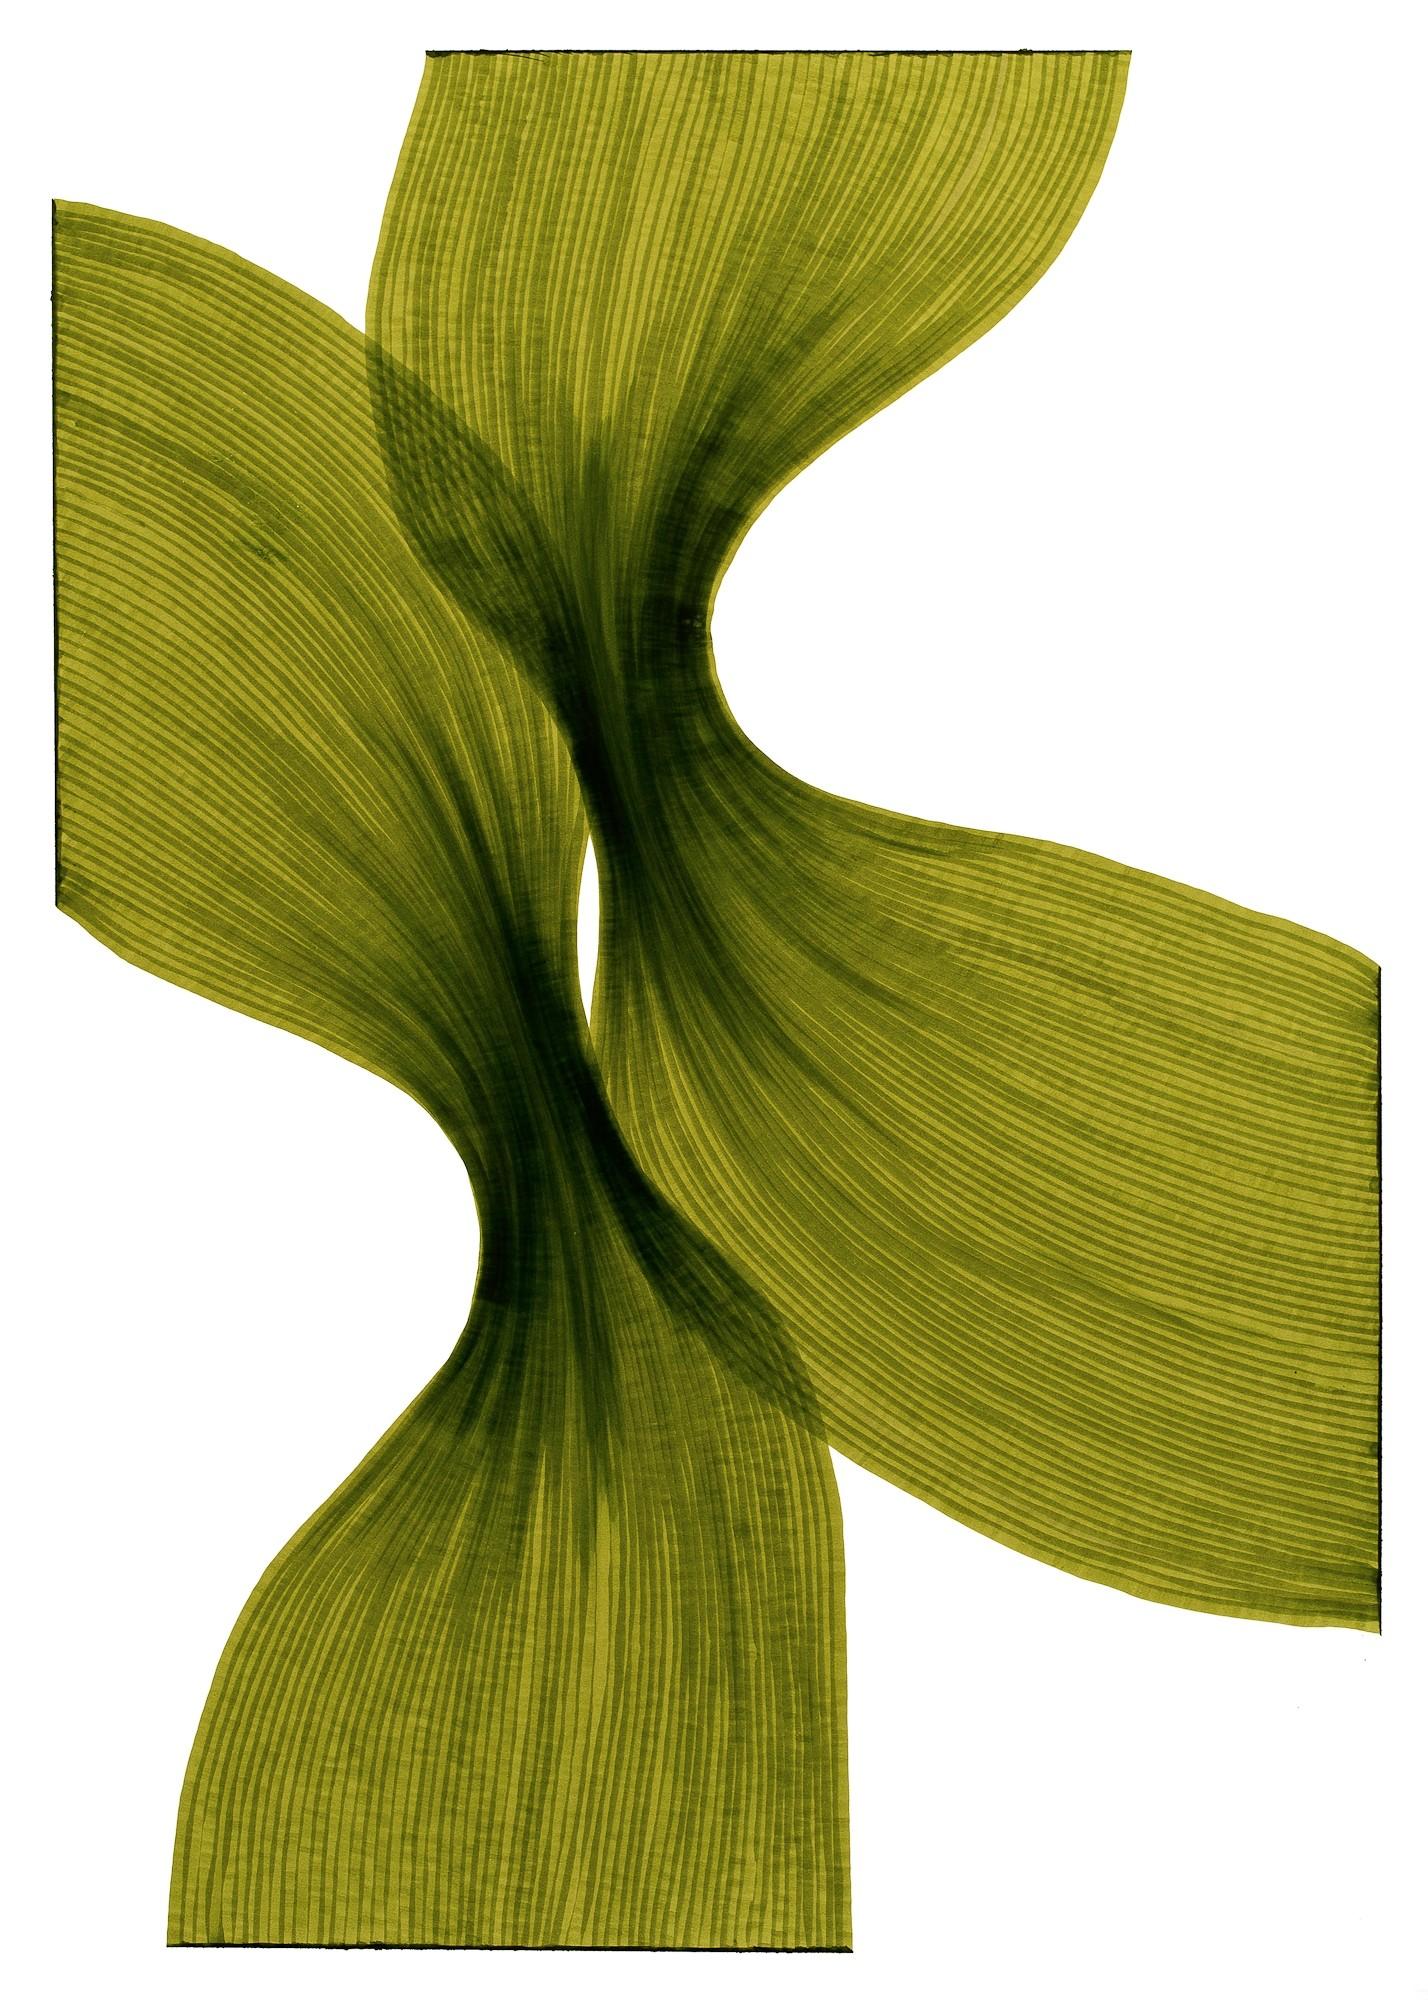 Banana Leaf Sheer Folds   Lali Torma   Zeichnung   Kalligraphietusche auf Papier